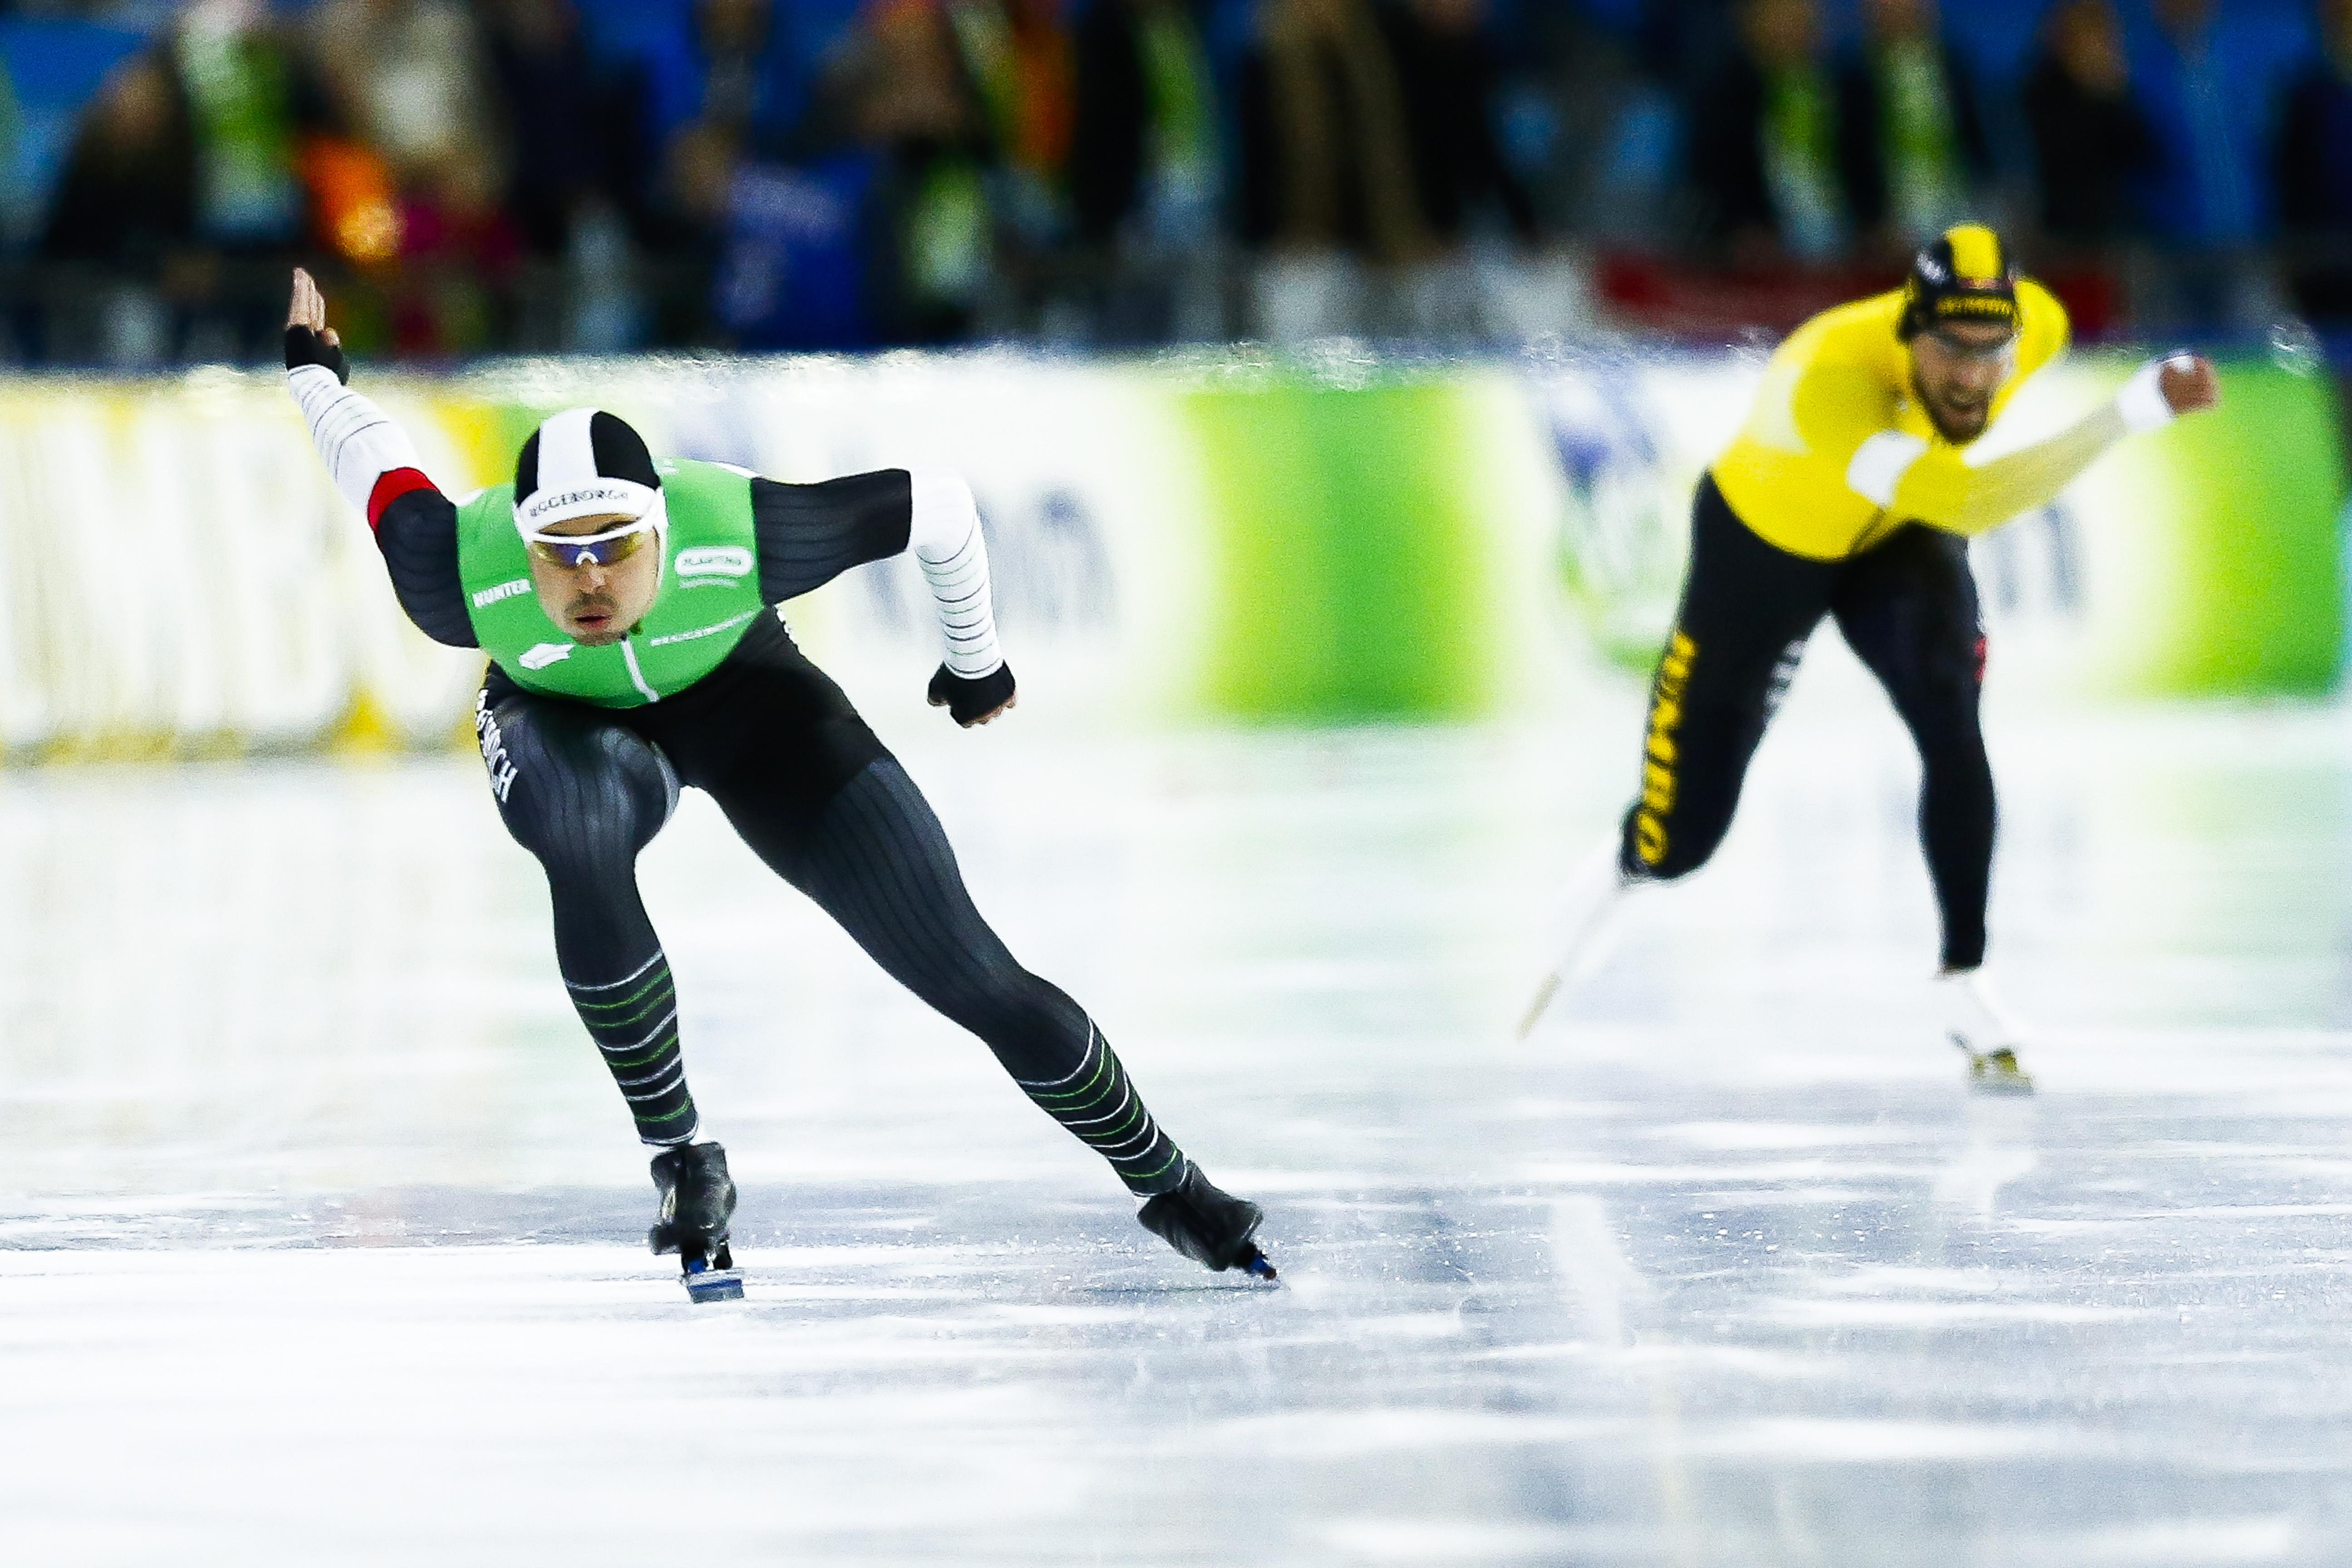 Kai Verbij verslaat Kjeld Nuis met baanrecord op de 1000 meter [video]